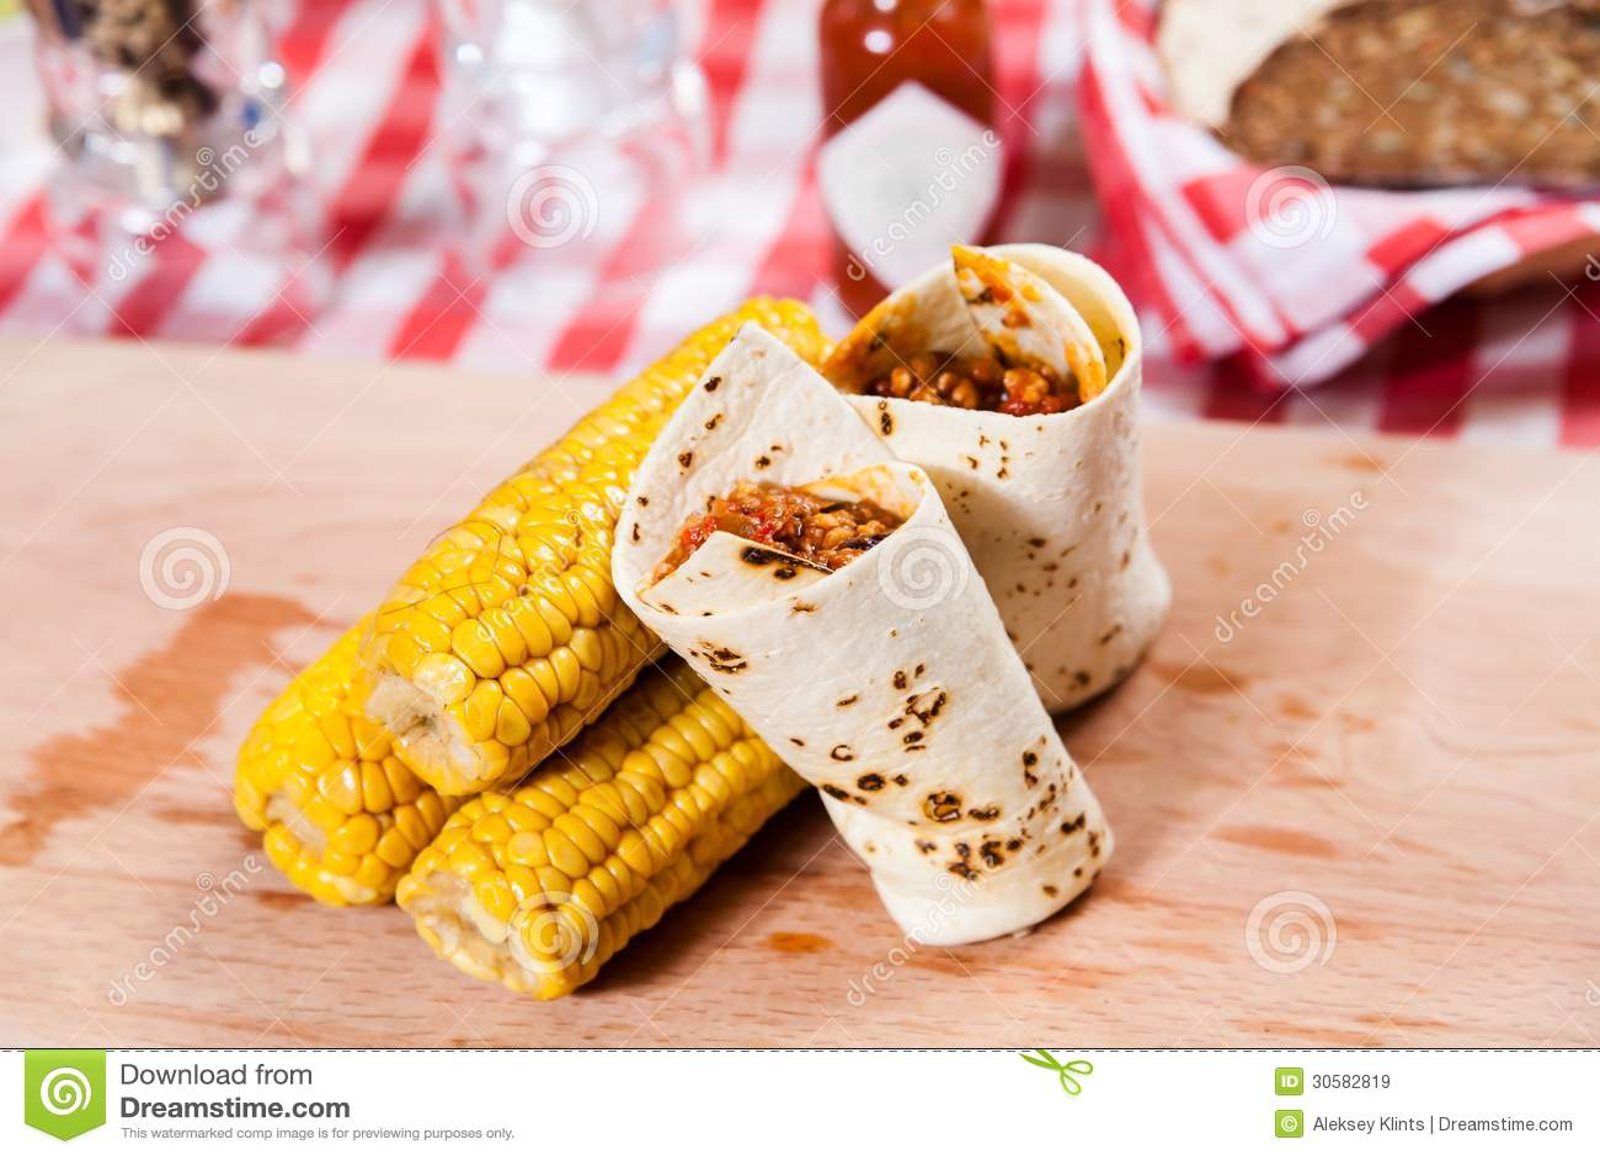 Burrito con maíz en el tablero de madera